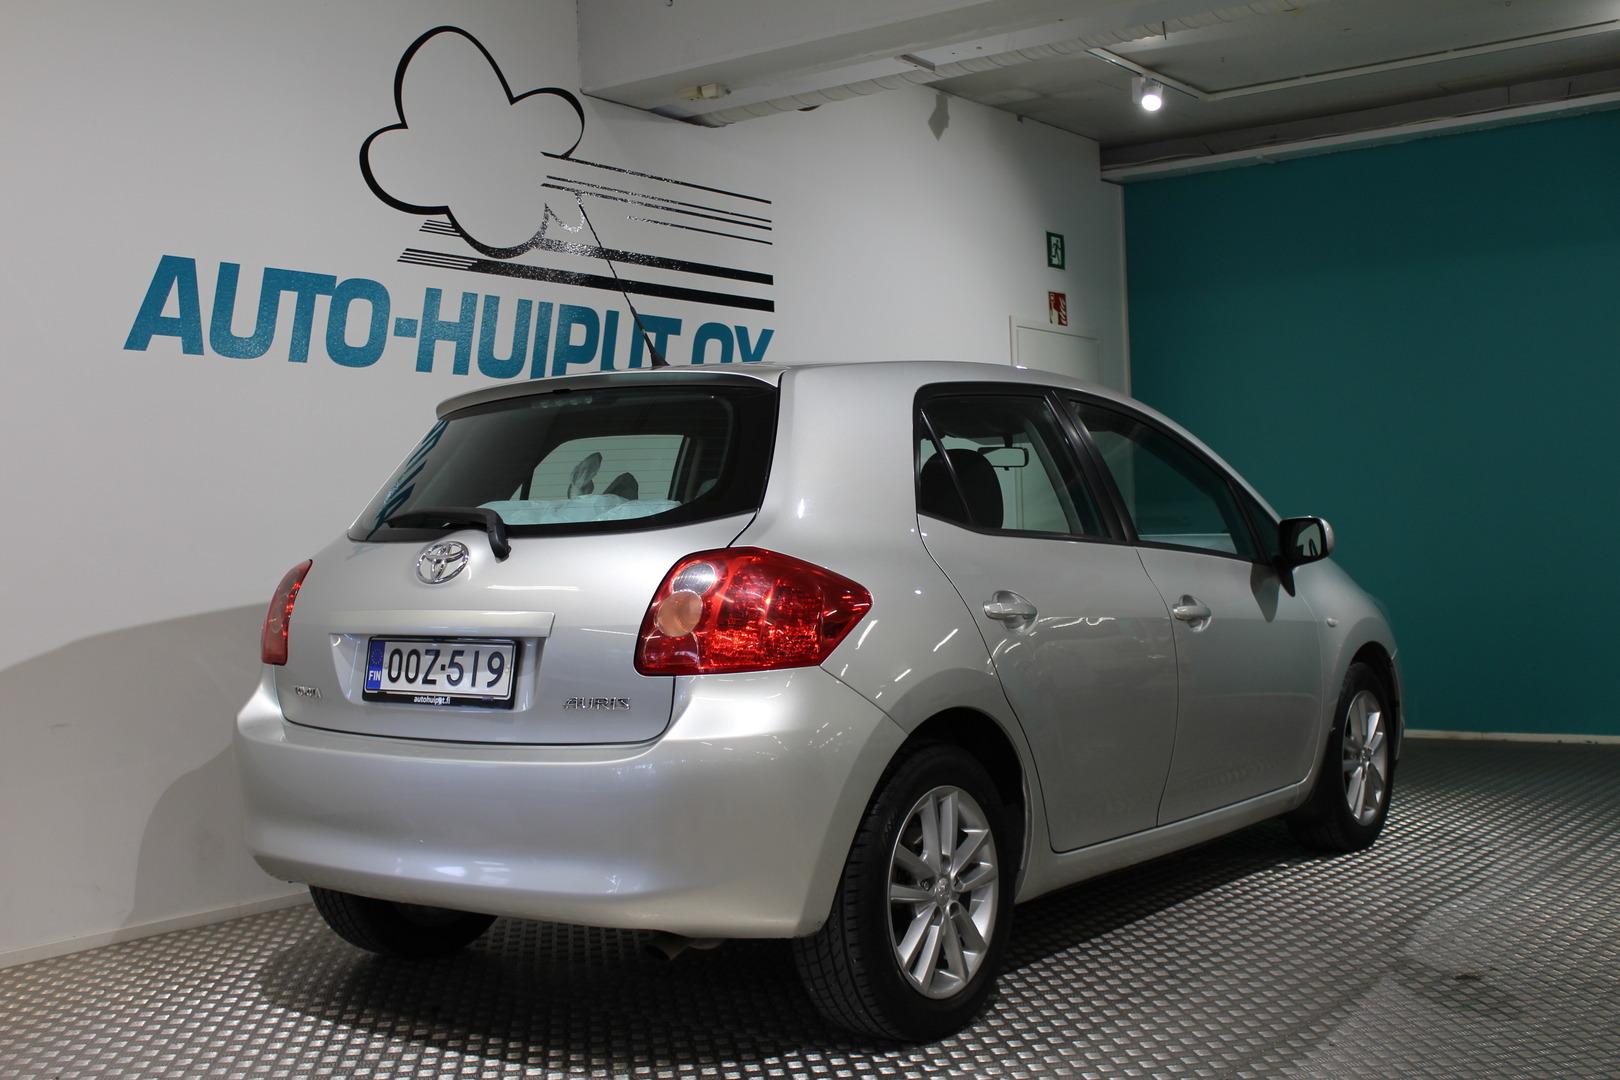 Toyota Auris, 1,6 Valvematic Linea Sol #Siistikuntoinen #5-ovinen **Juuri tullut**